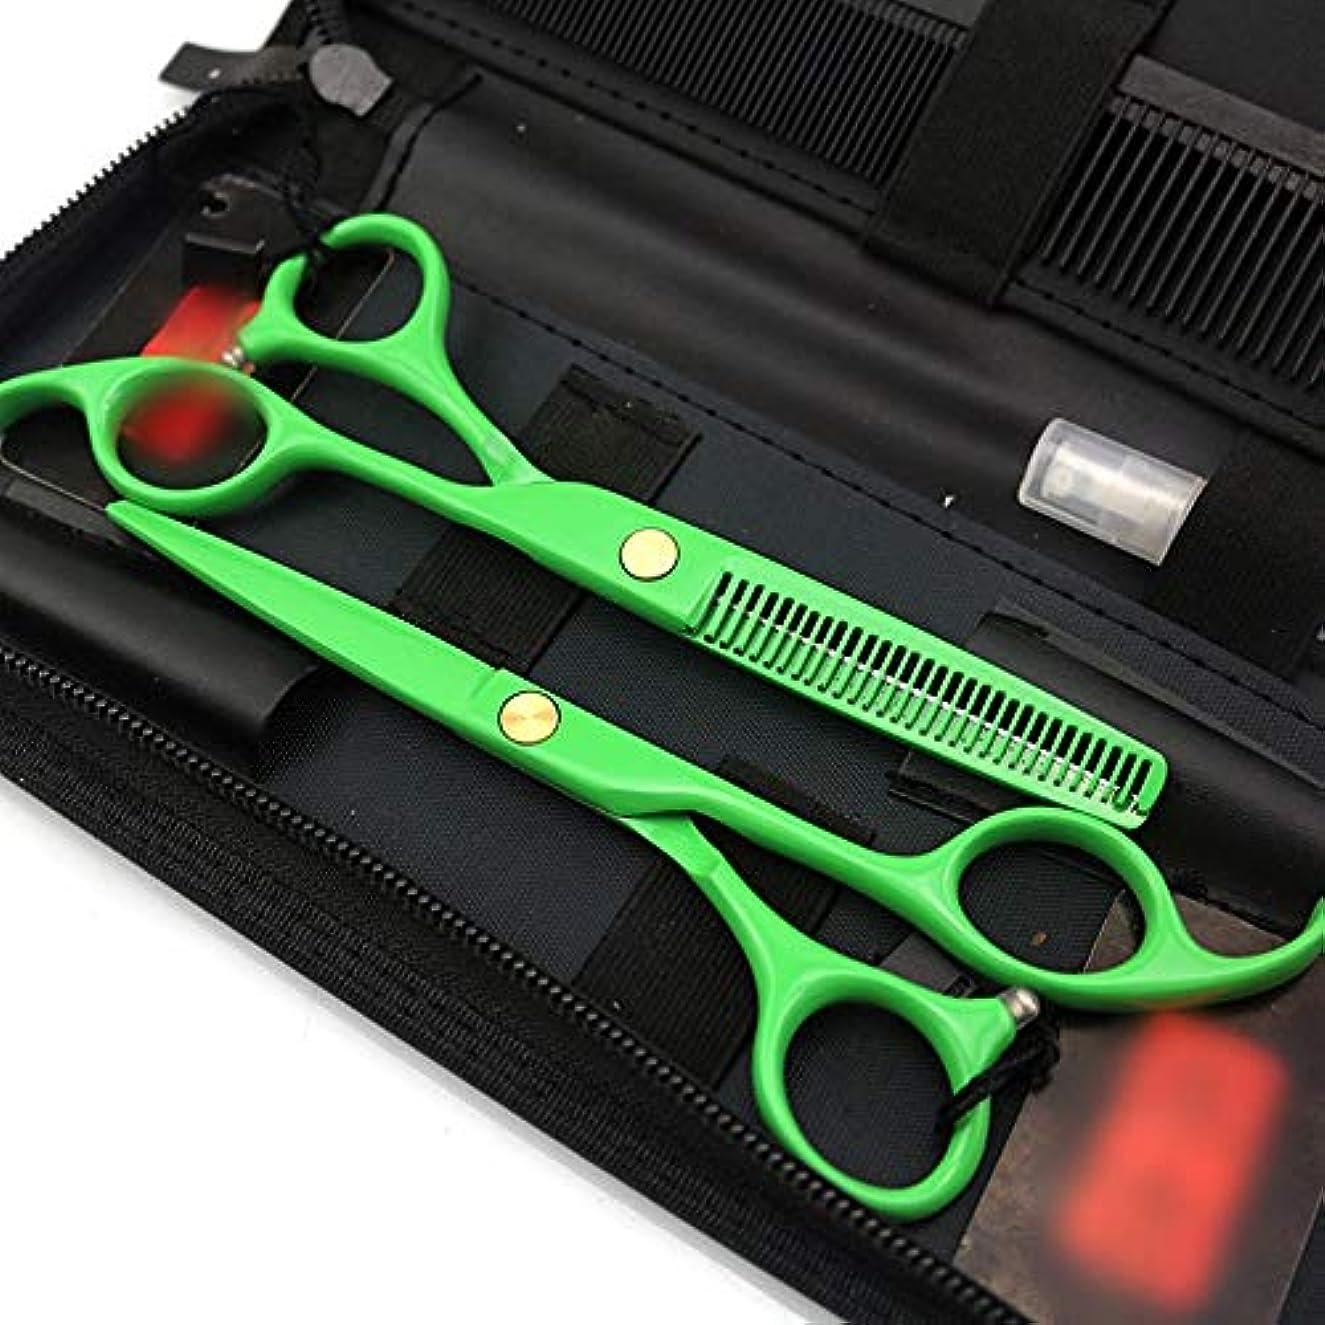 現代の既に中絶5.5インチプロフェッショナル理髪はさみセット、電気メッキグリーンフラット+歯はさみ モデリングツール (色 : オレンジ)